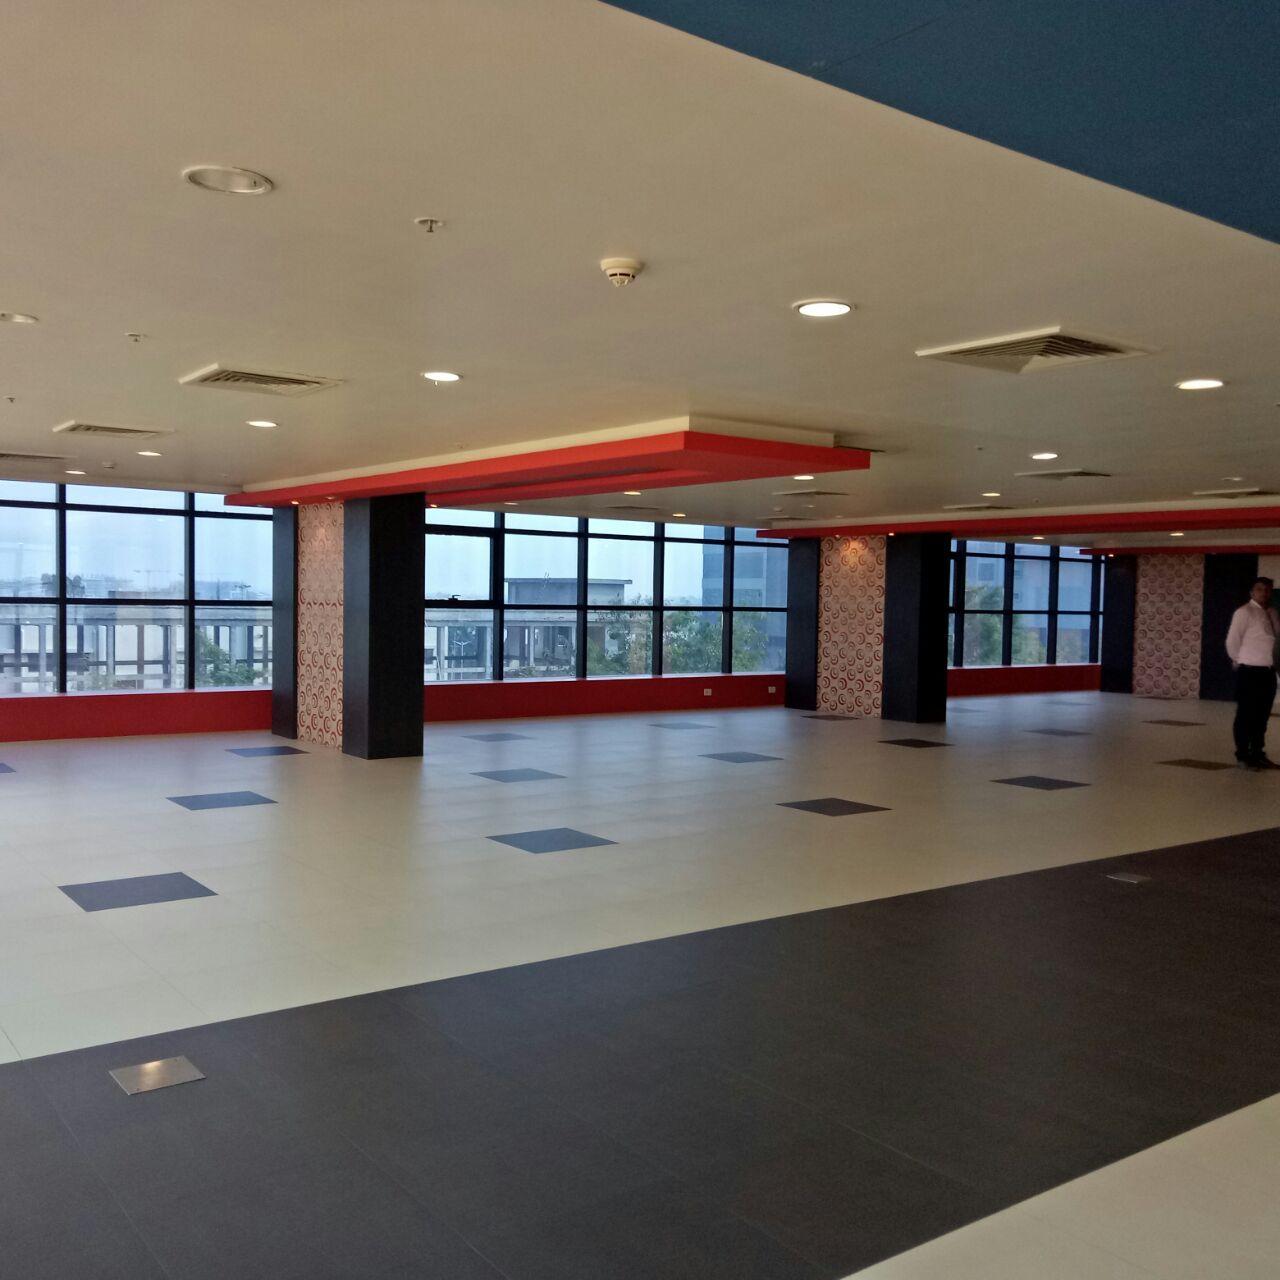 The Chairmans Club in Optus Stadium features Premium